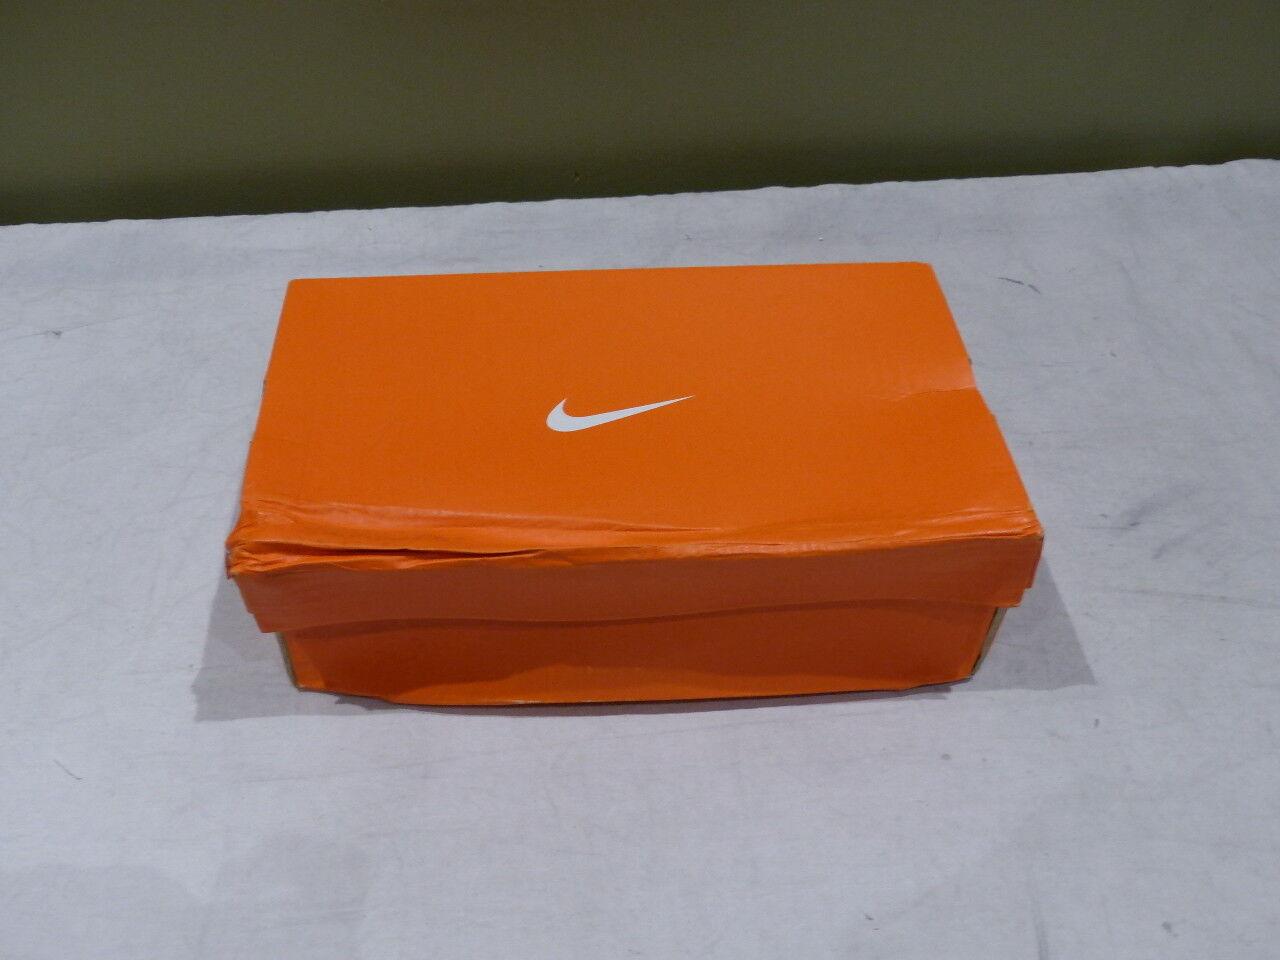 Nike air max successivi 3 1041990-70678 8,5 in scarpe da ginnastica 8,5 1041990-70678 / 40 908993 58484d